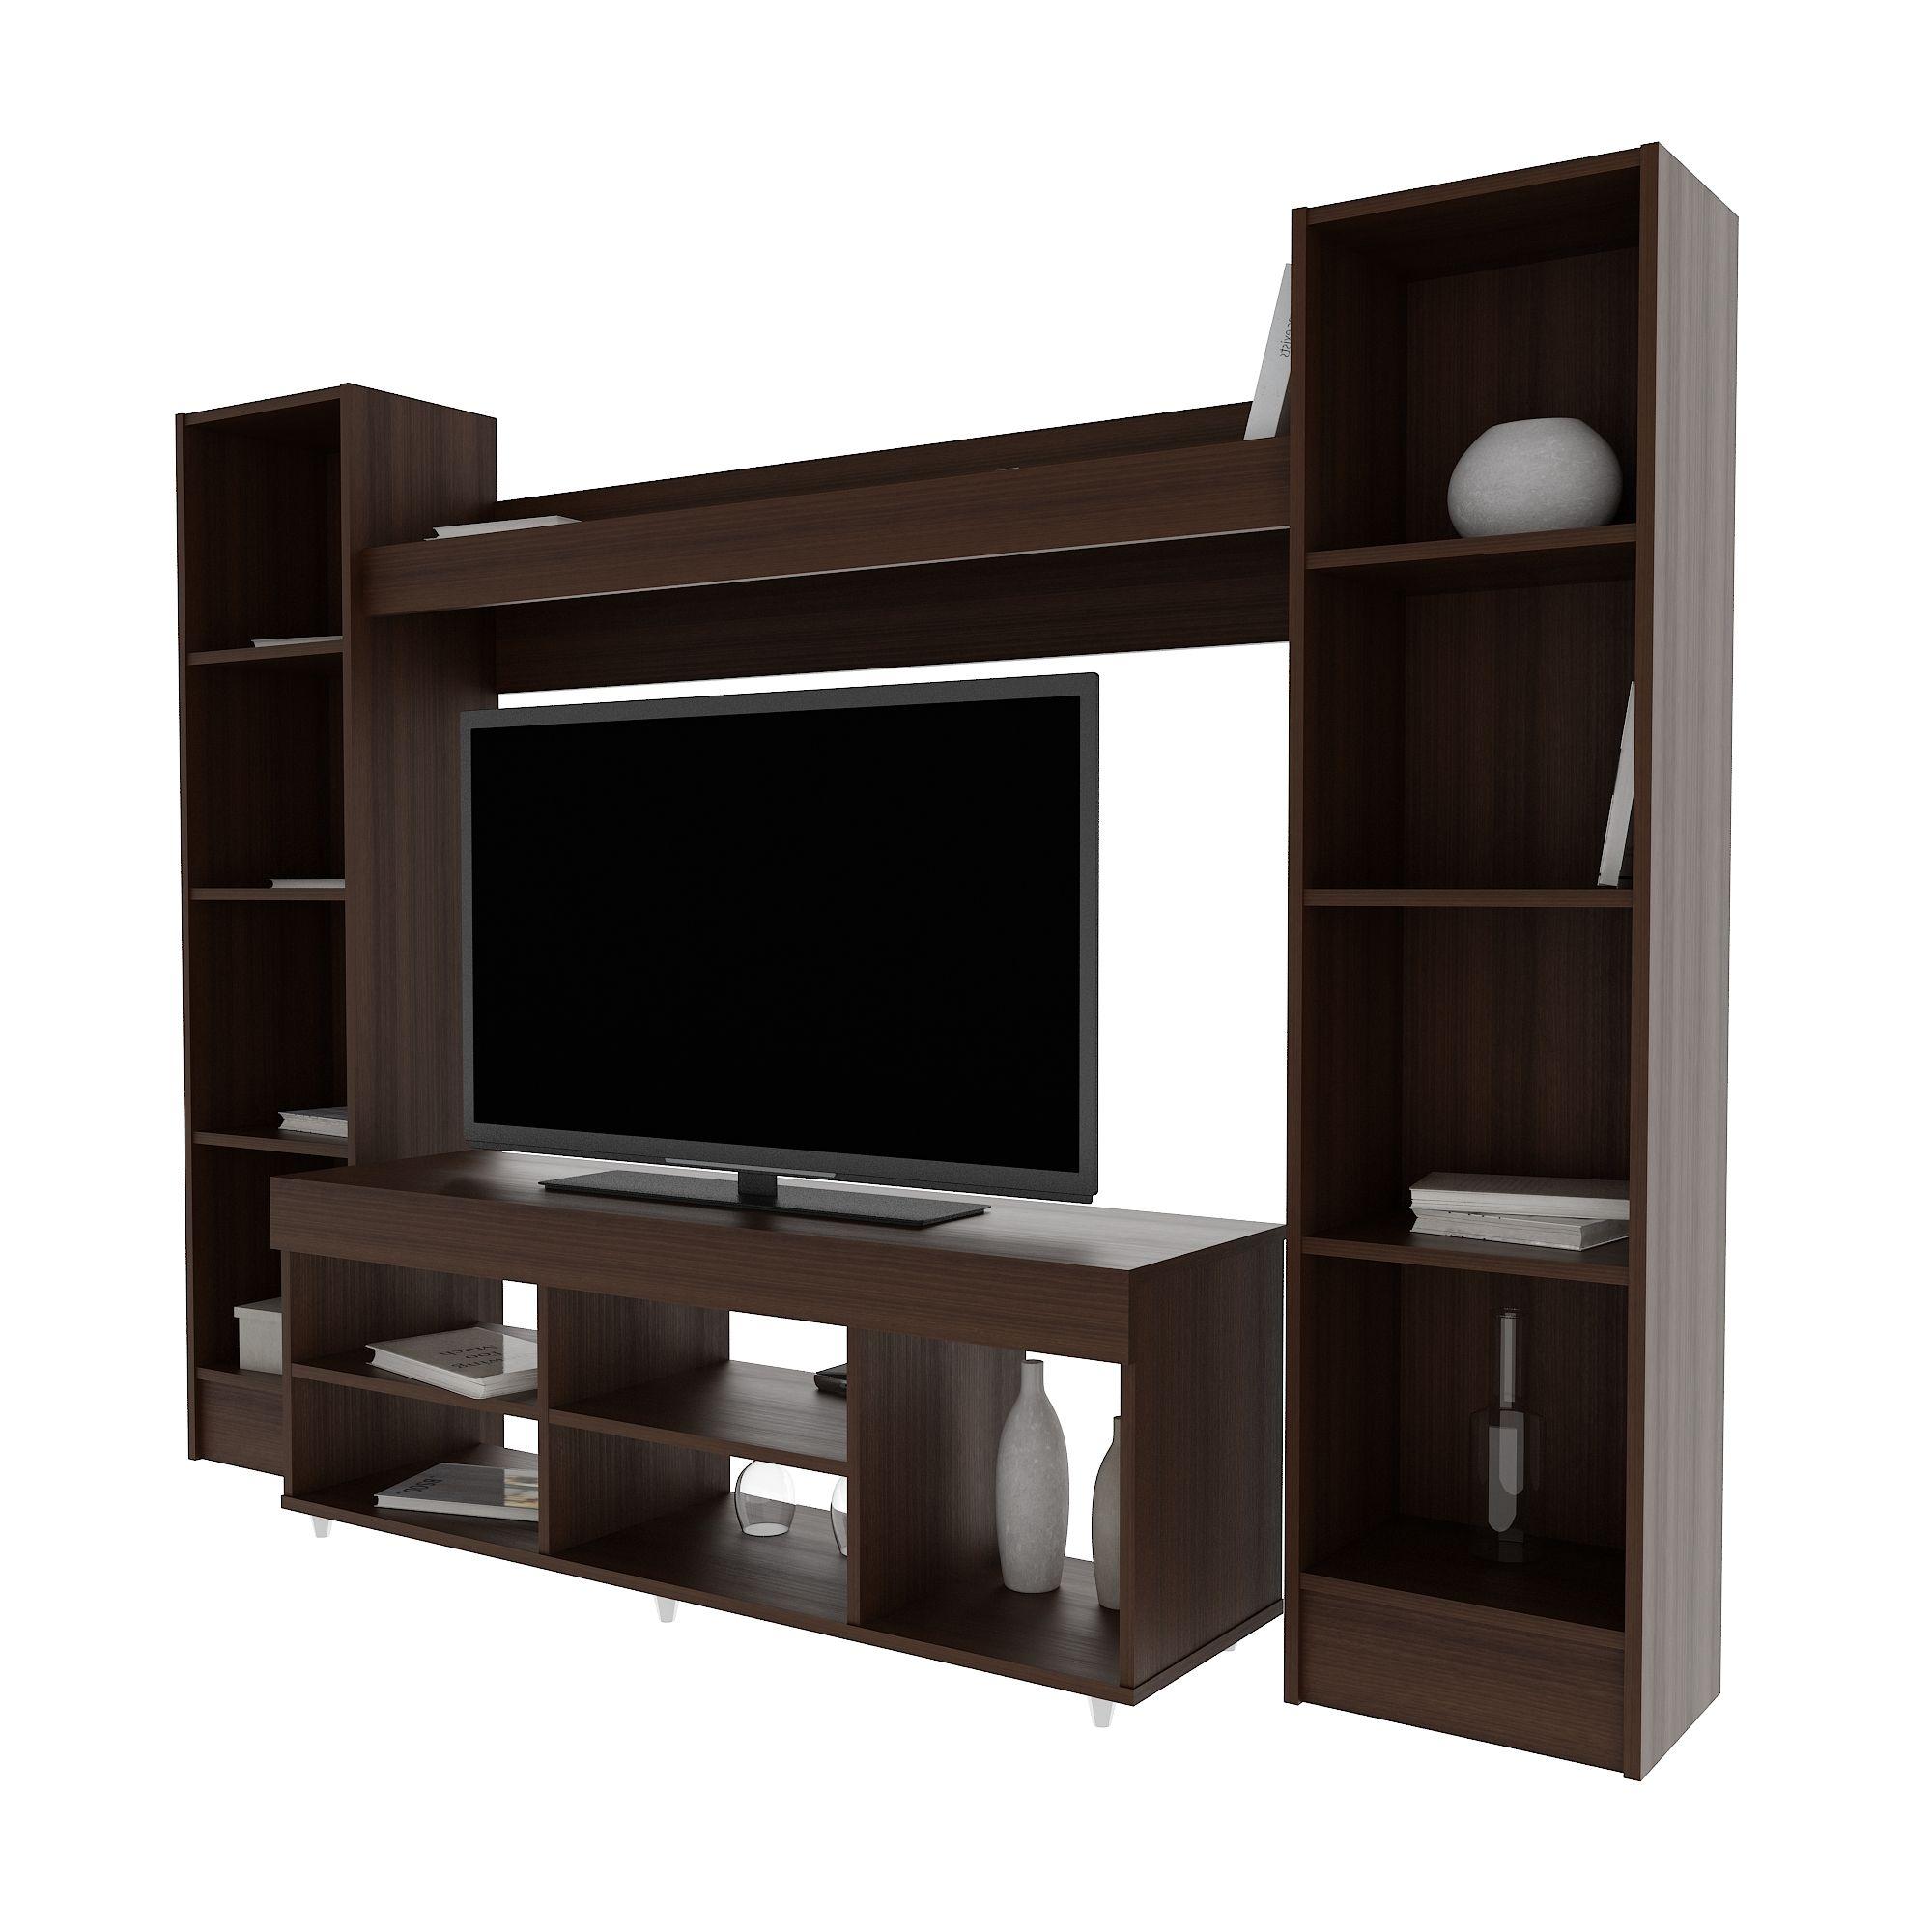 Espaciosos ideales para ubicar tv led de hasta 55 estos for Muebles para led 50 pulgadas